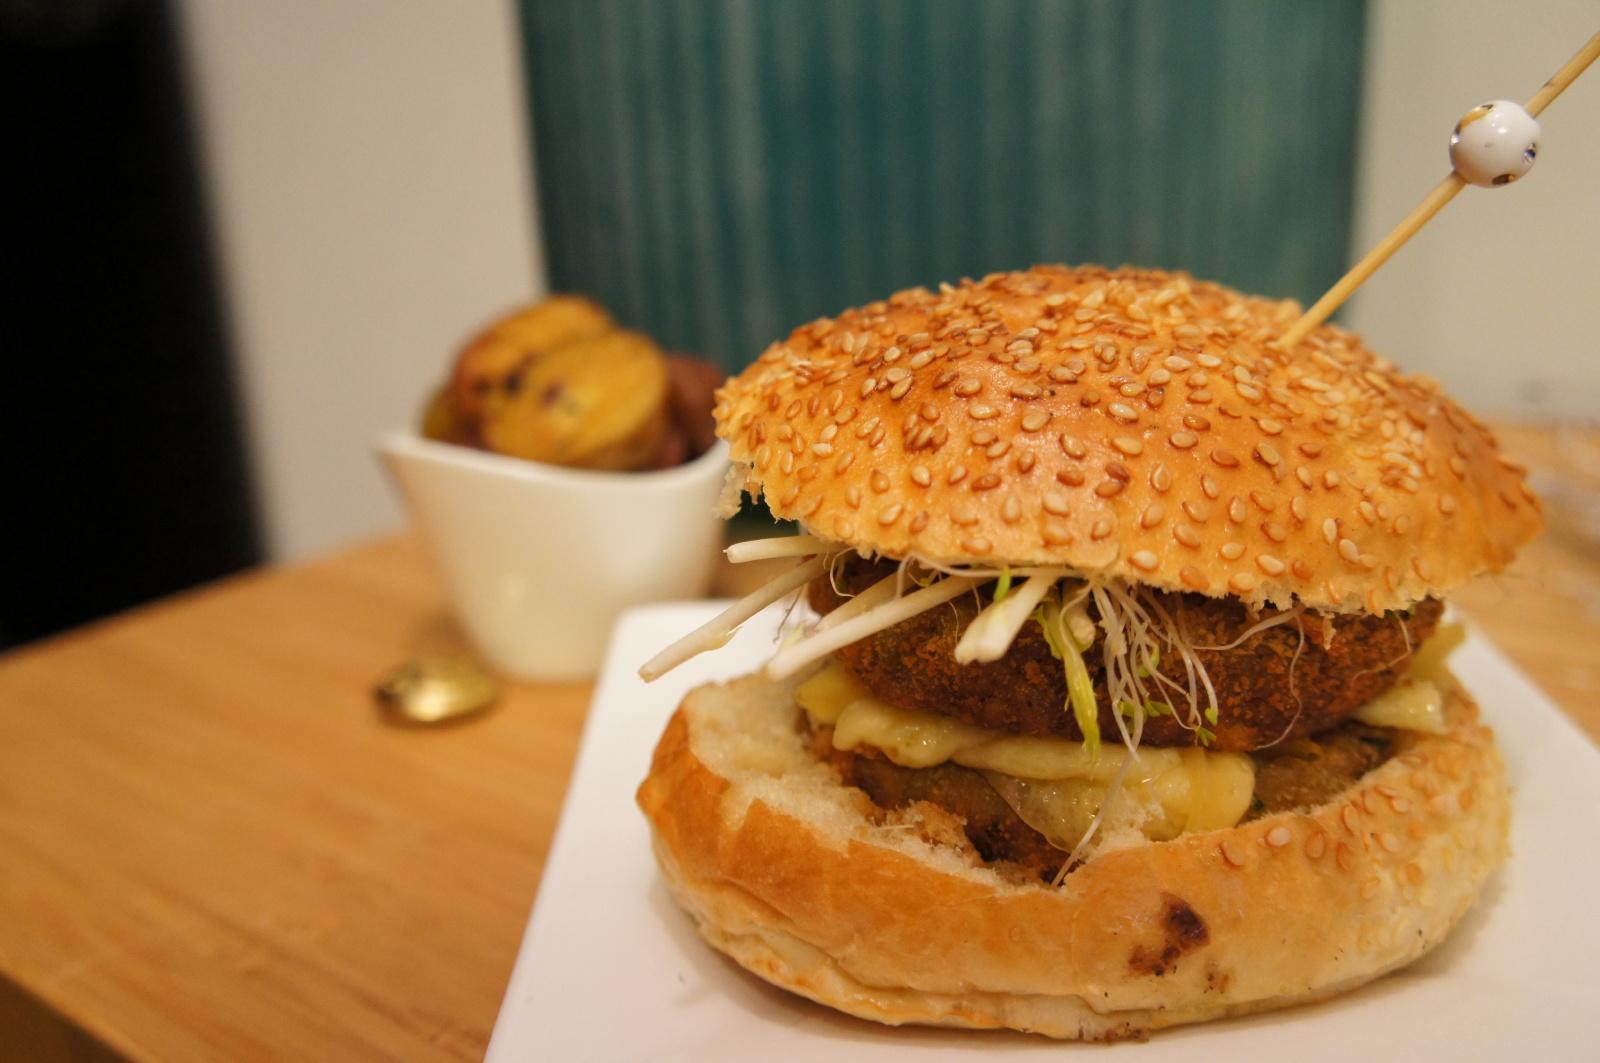 LES BURGERS DE NAT : Des burgers de qualité livrés à domicile